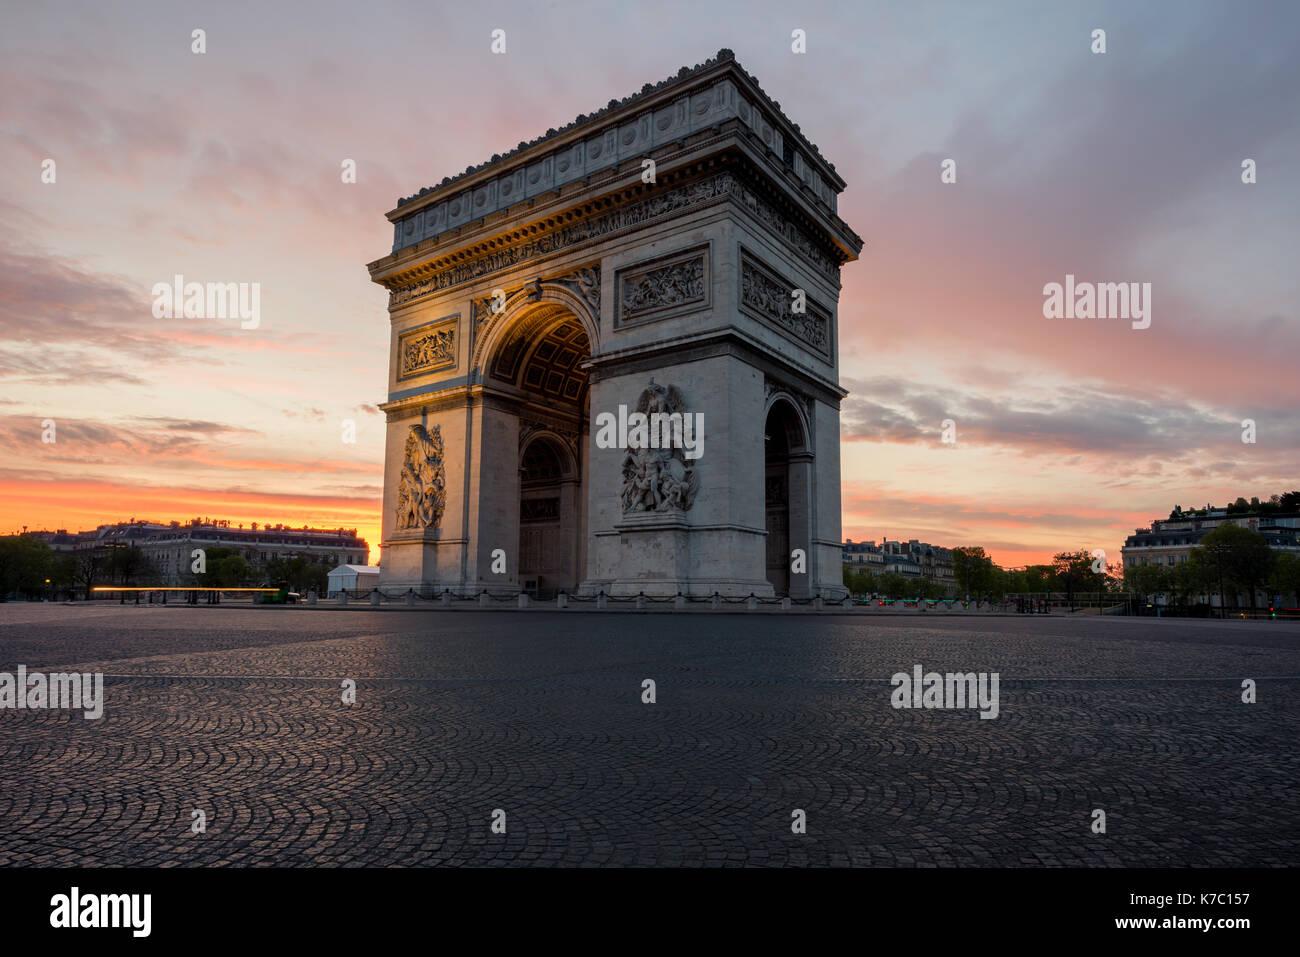 Arc de Triomphe et des champs elysées, les points de repère dans le centre de Paris, au coucher du soleil. Paris, France Photo Stock